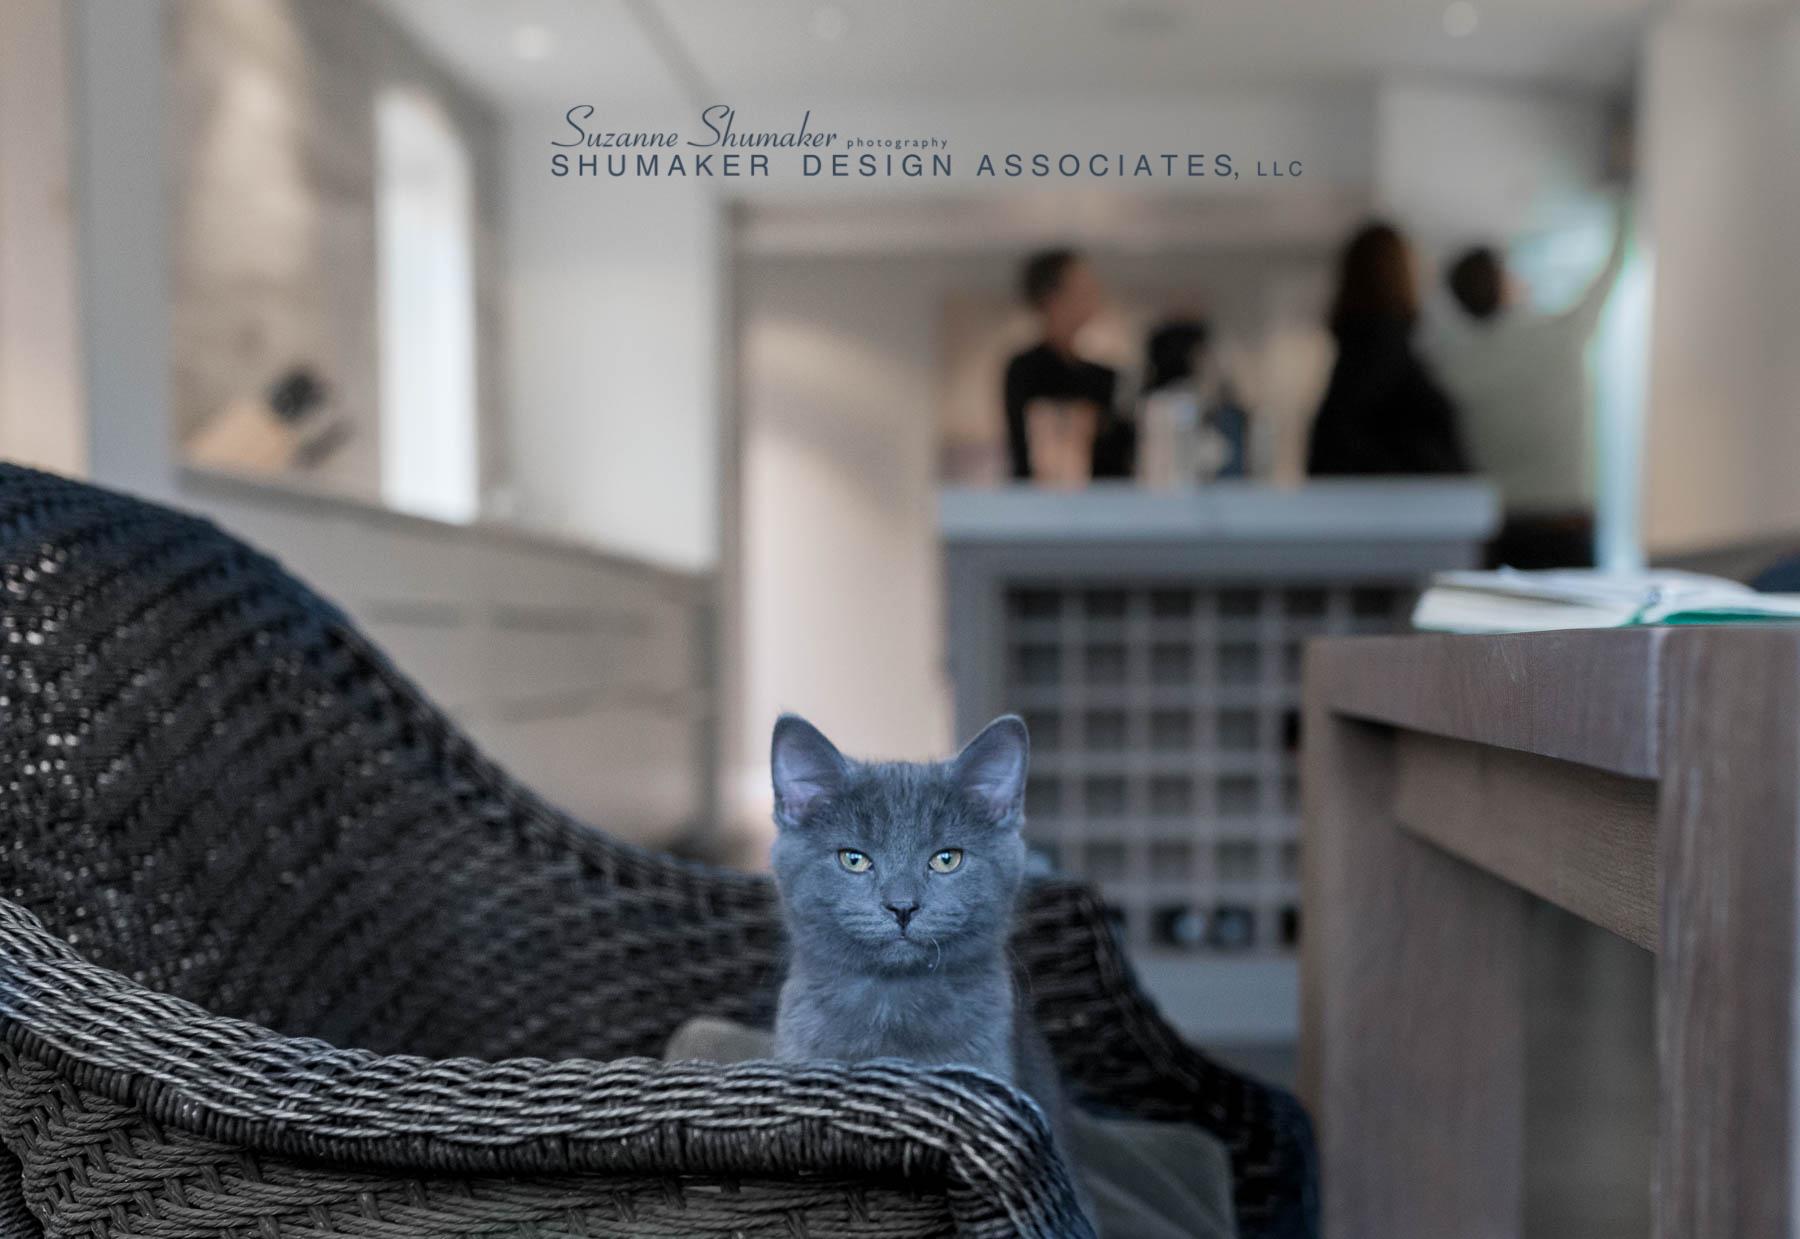 Winnetka kitchenssphoto.jpg